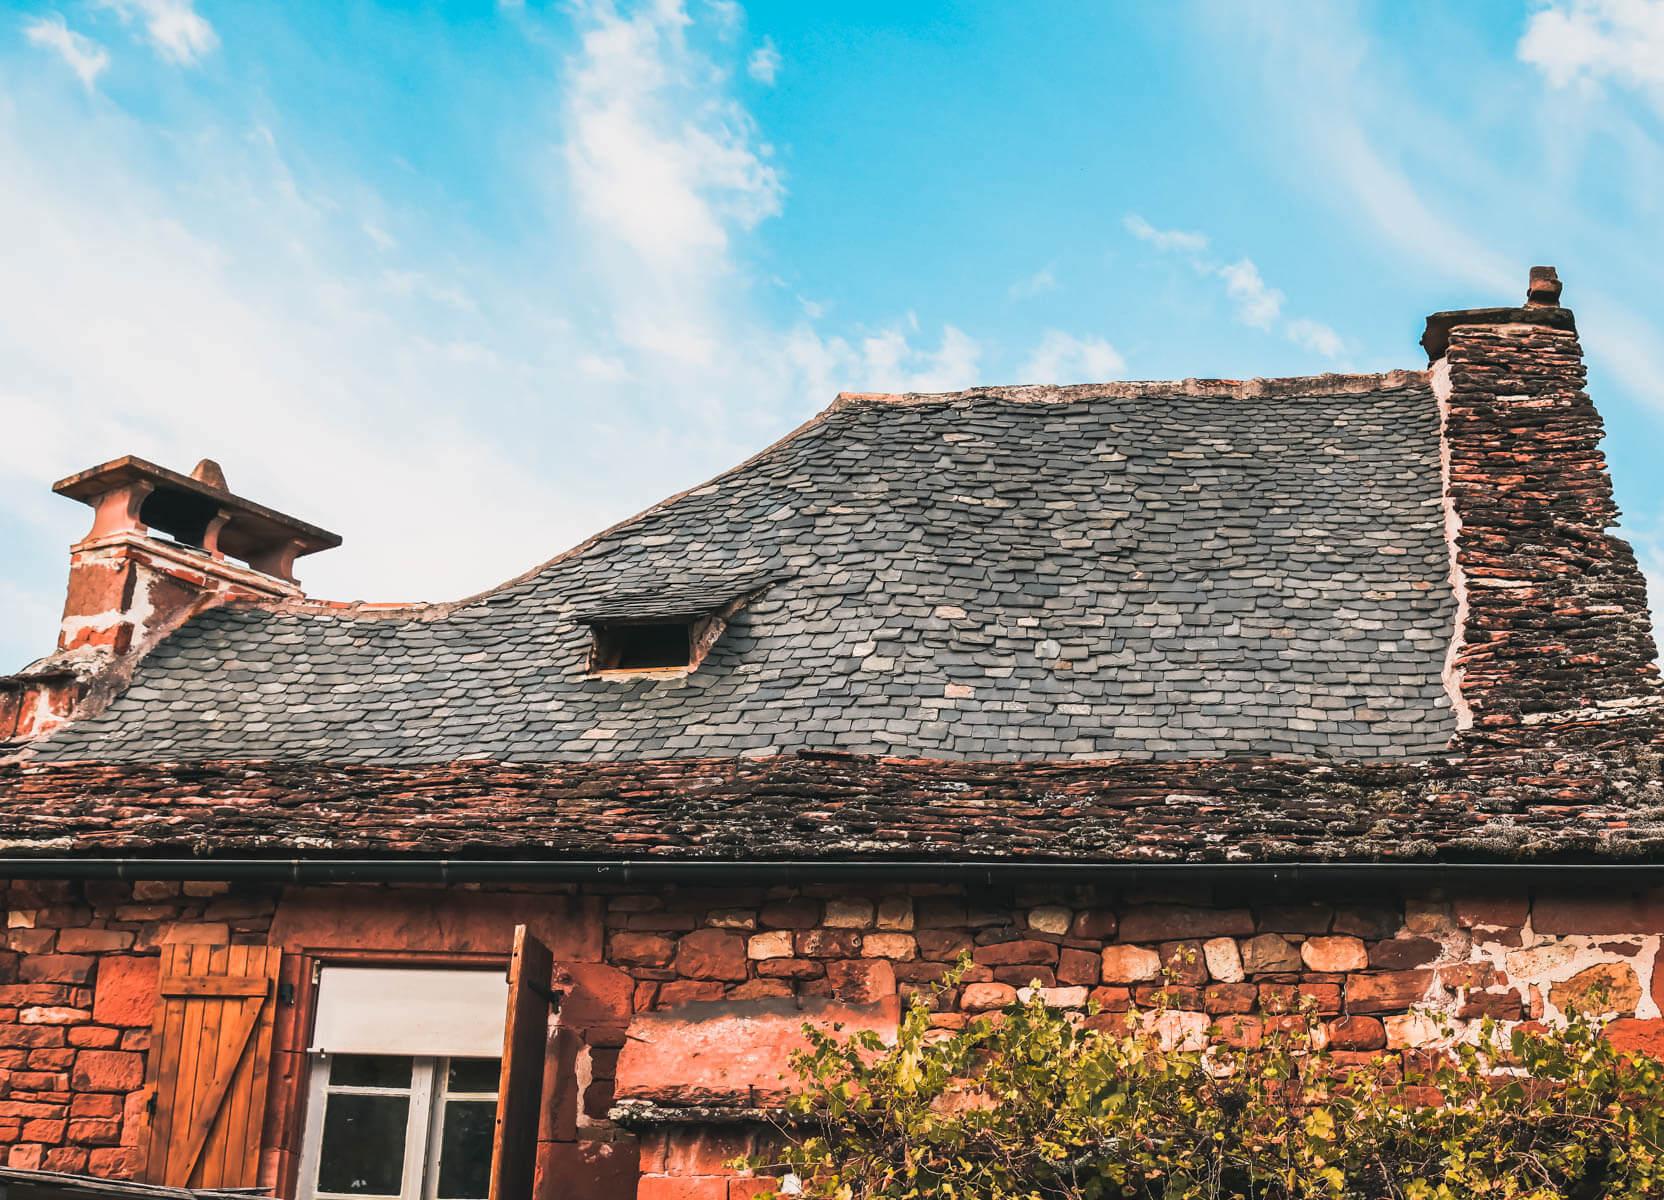 Collonges-la-Rouge-telhado